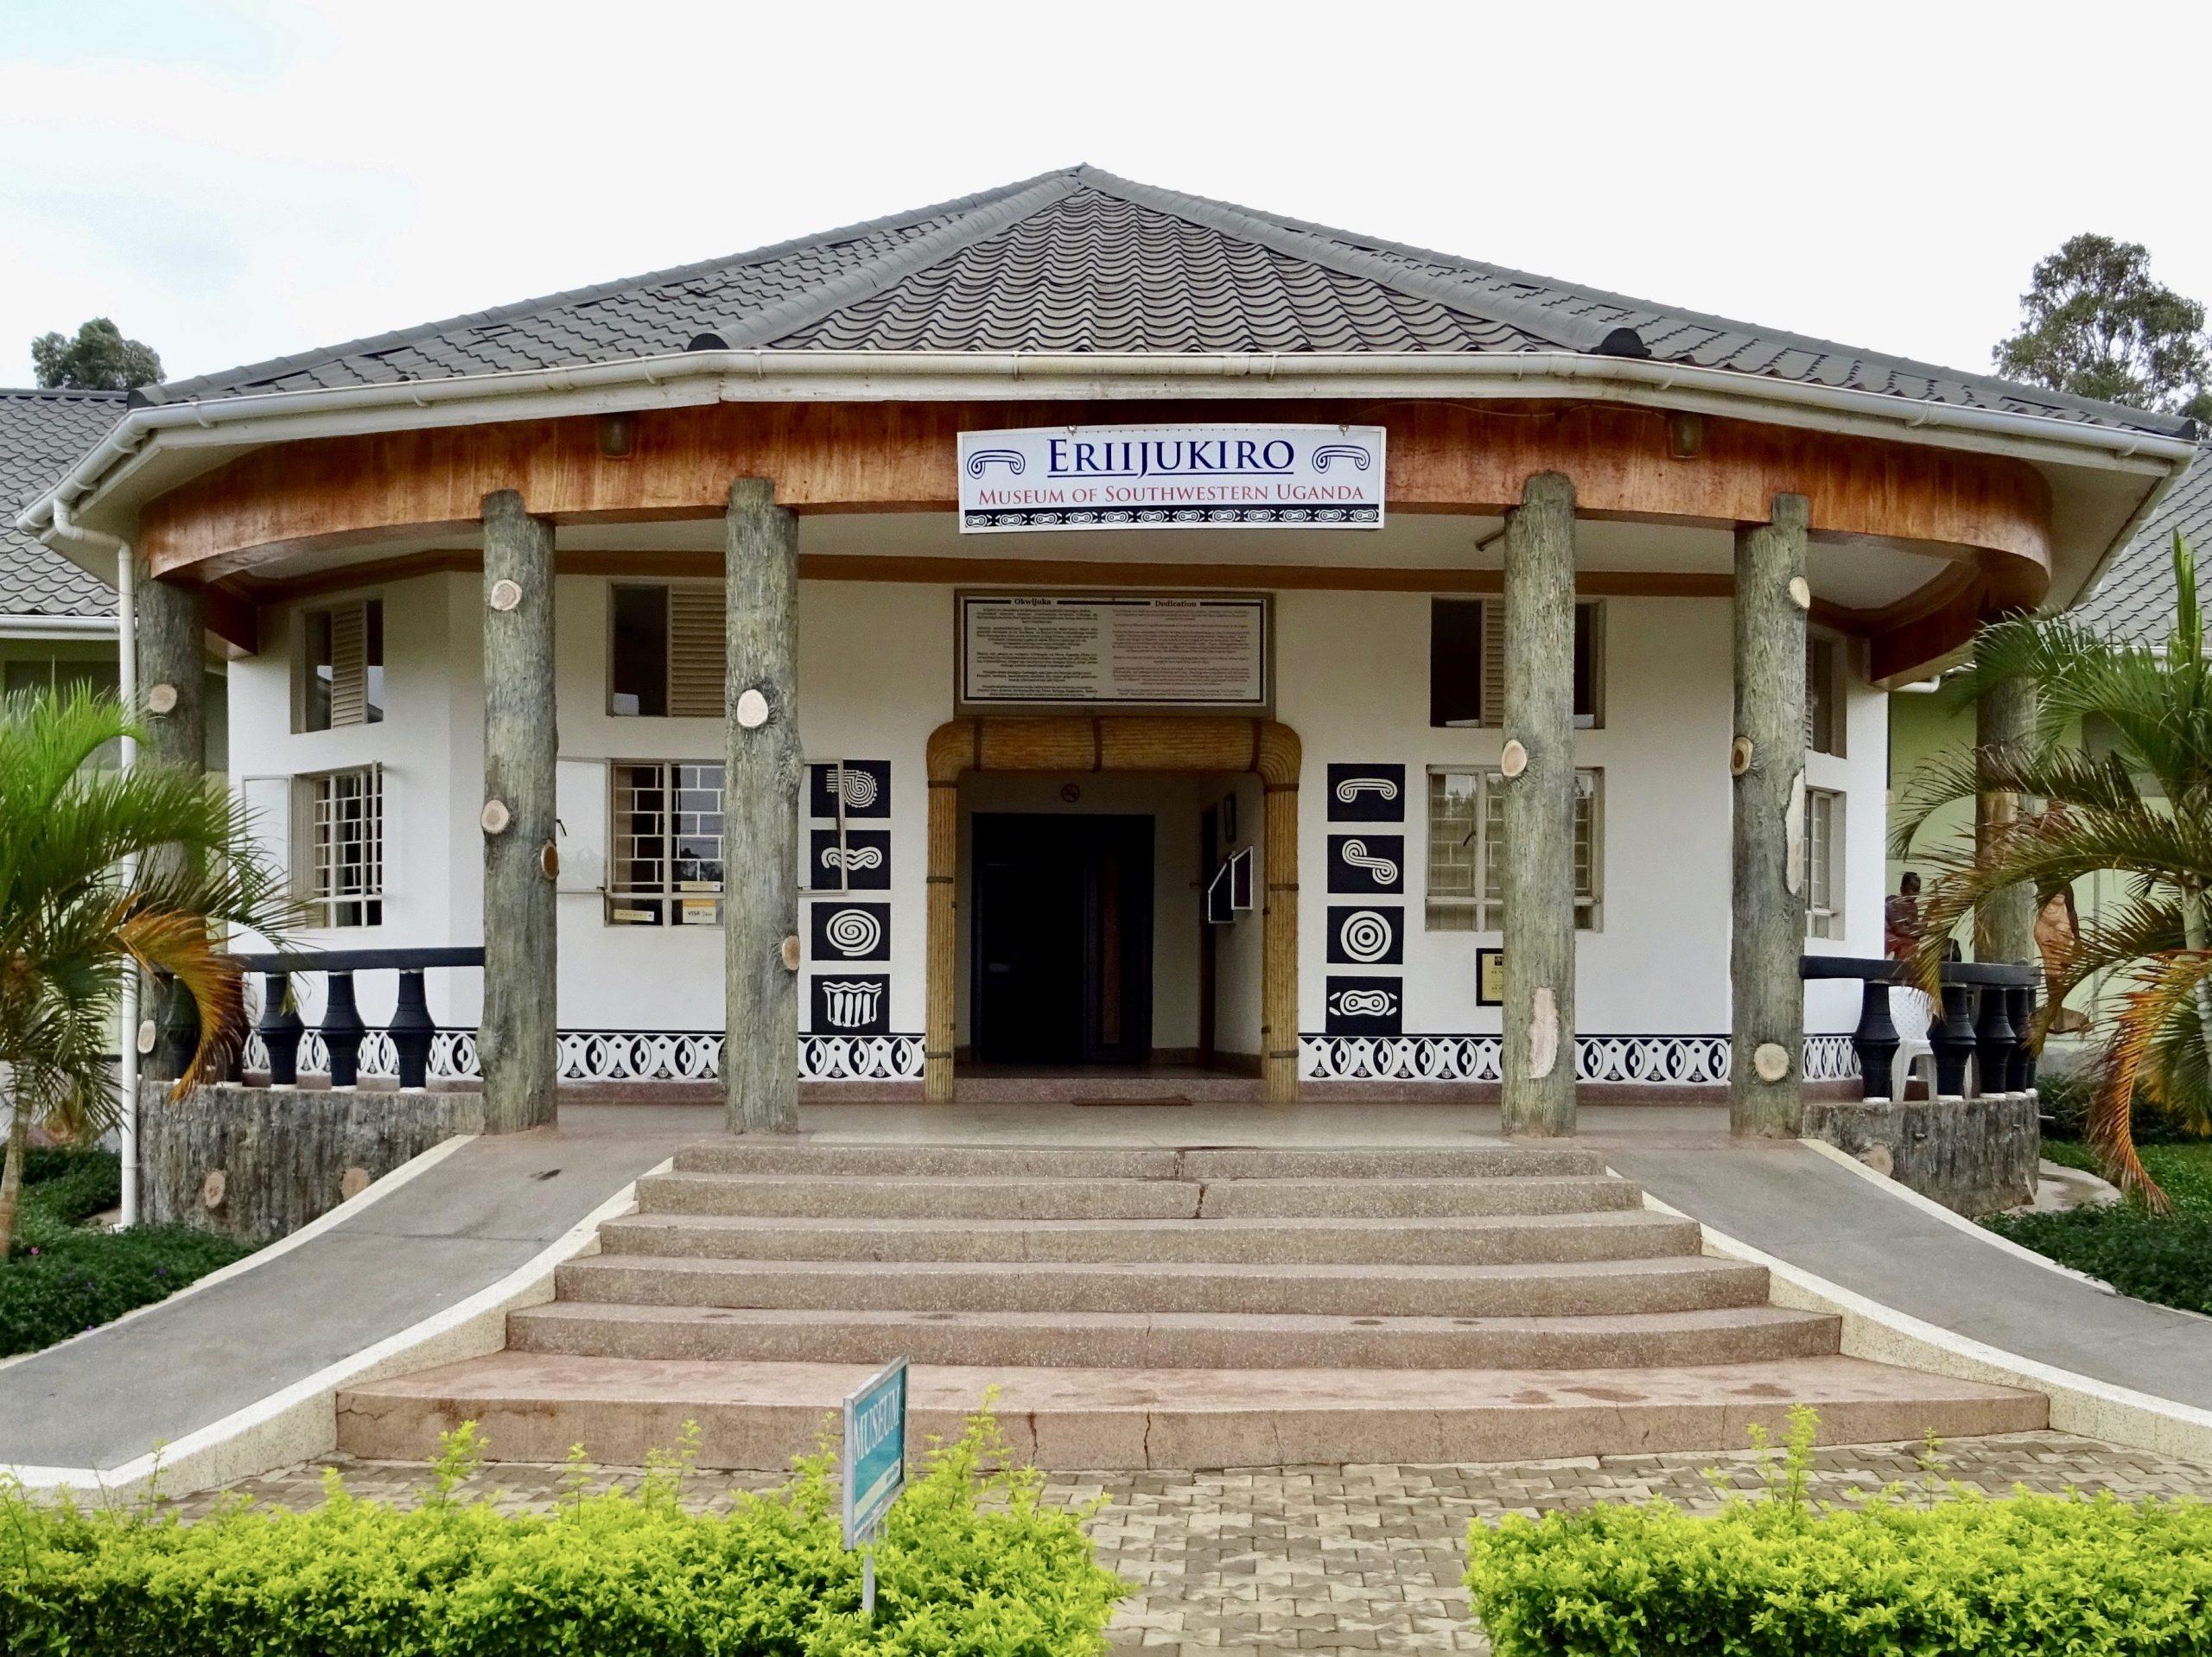 Het Eriijukiro museum in het Igongo Cultural Centre